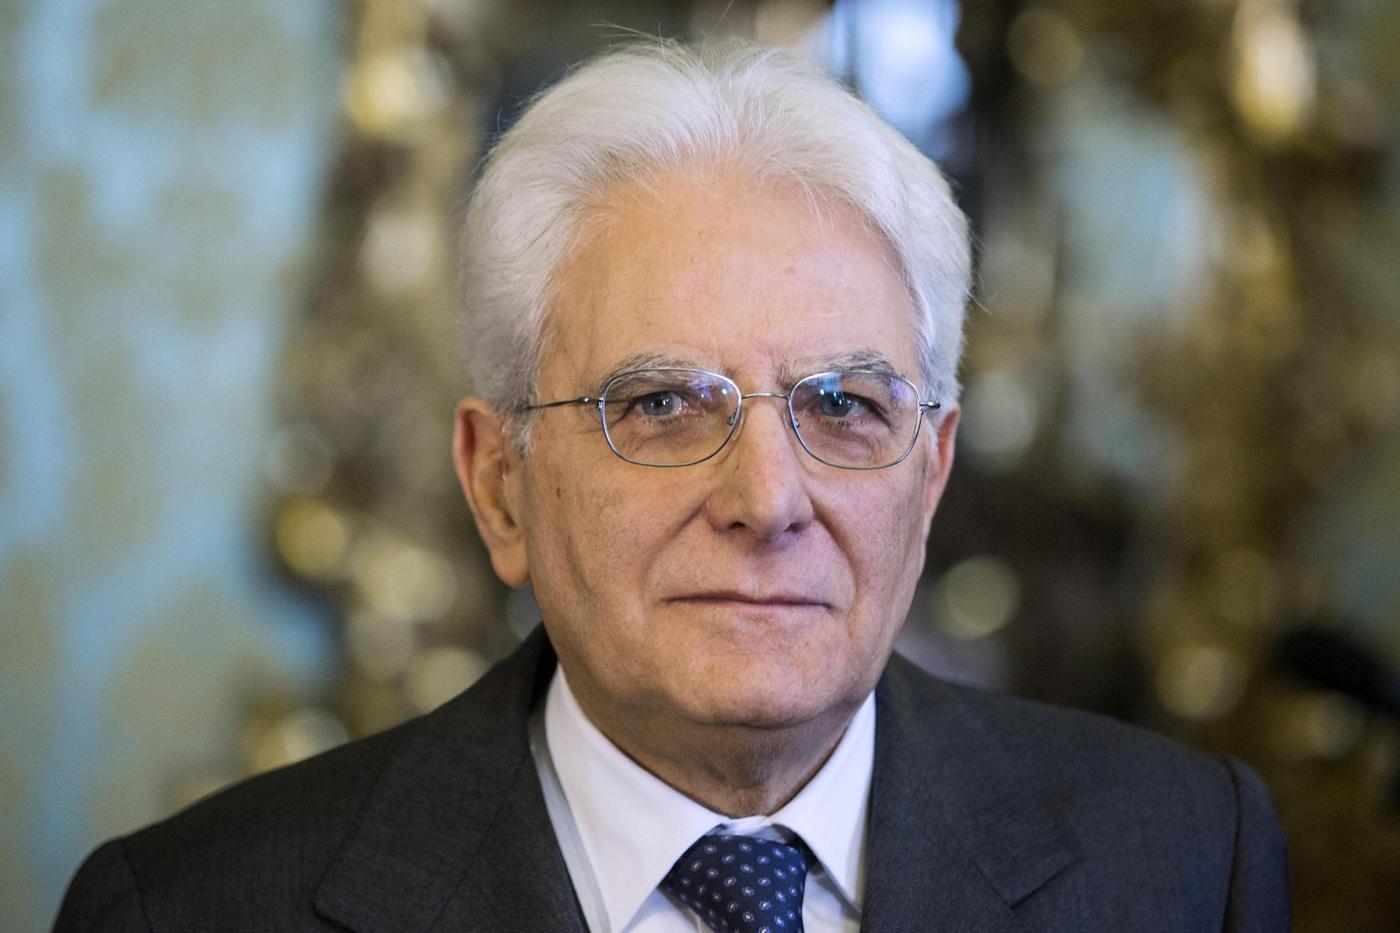 Caro Presidente Mattarella, cerchiamo #persone adeguate sulle #poltrone ministeriali